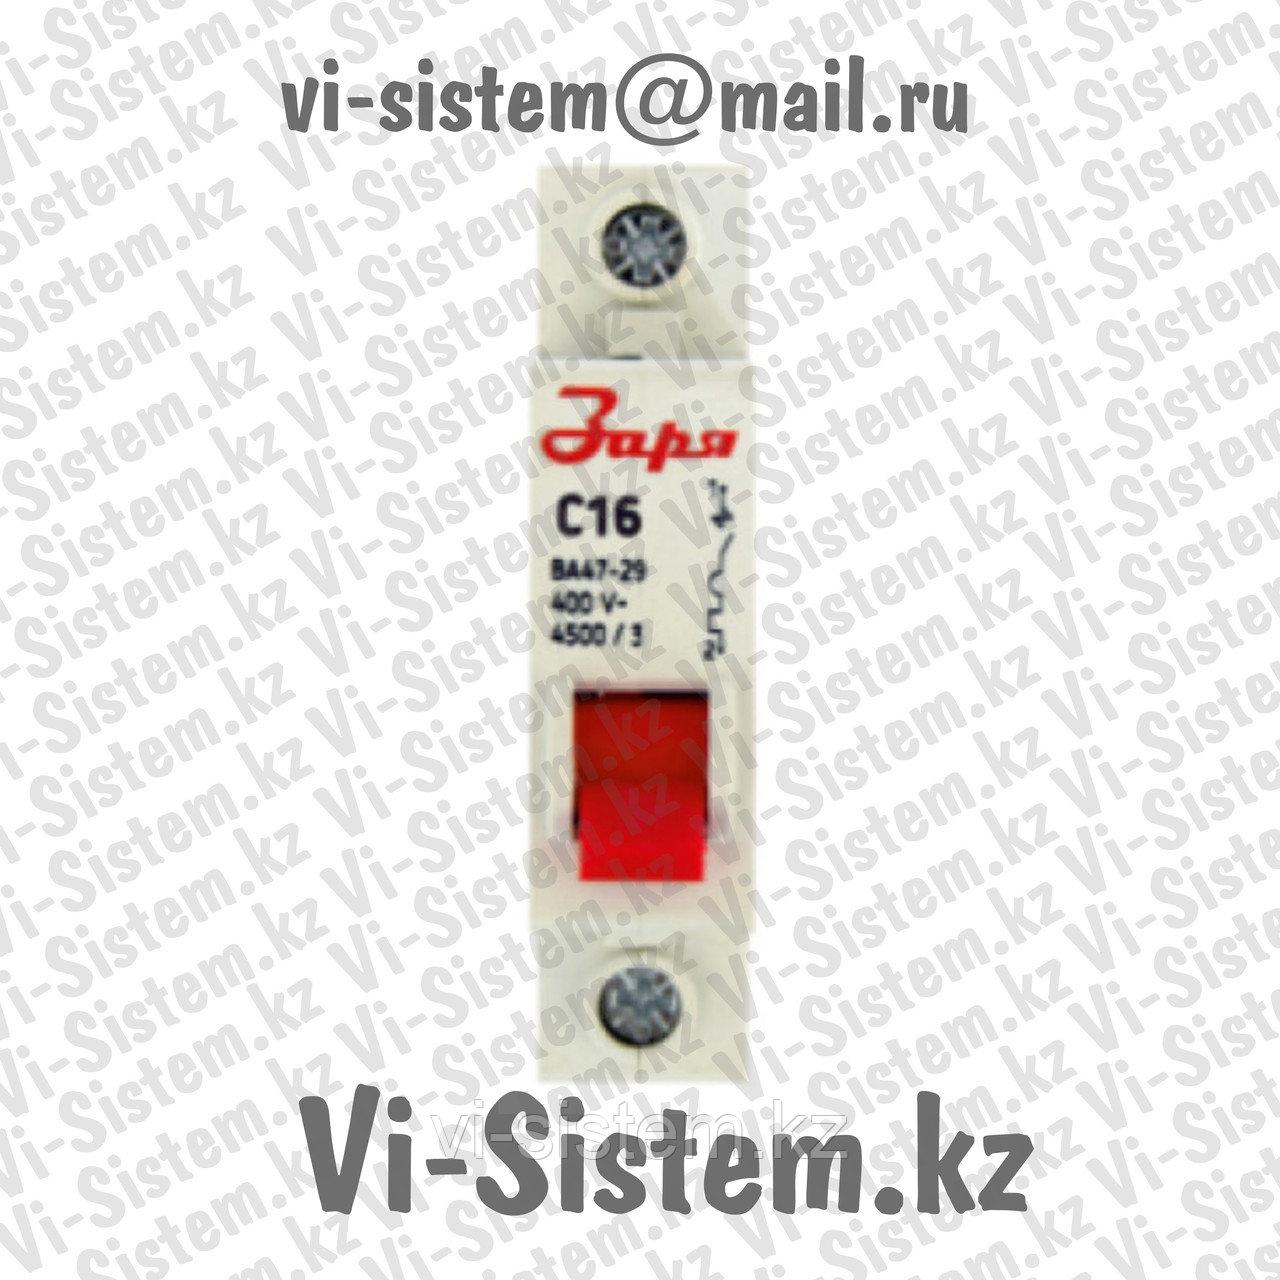 Автоматический выключатель Заря C16 1P-16A